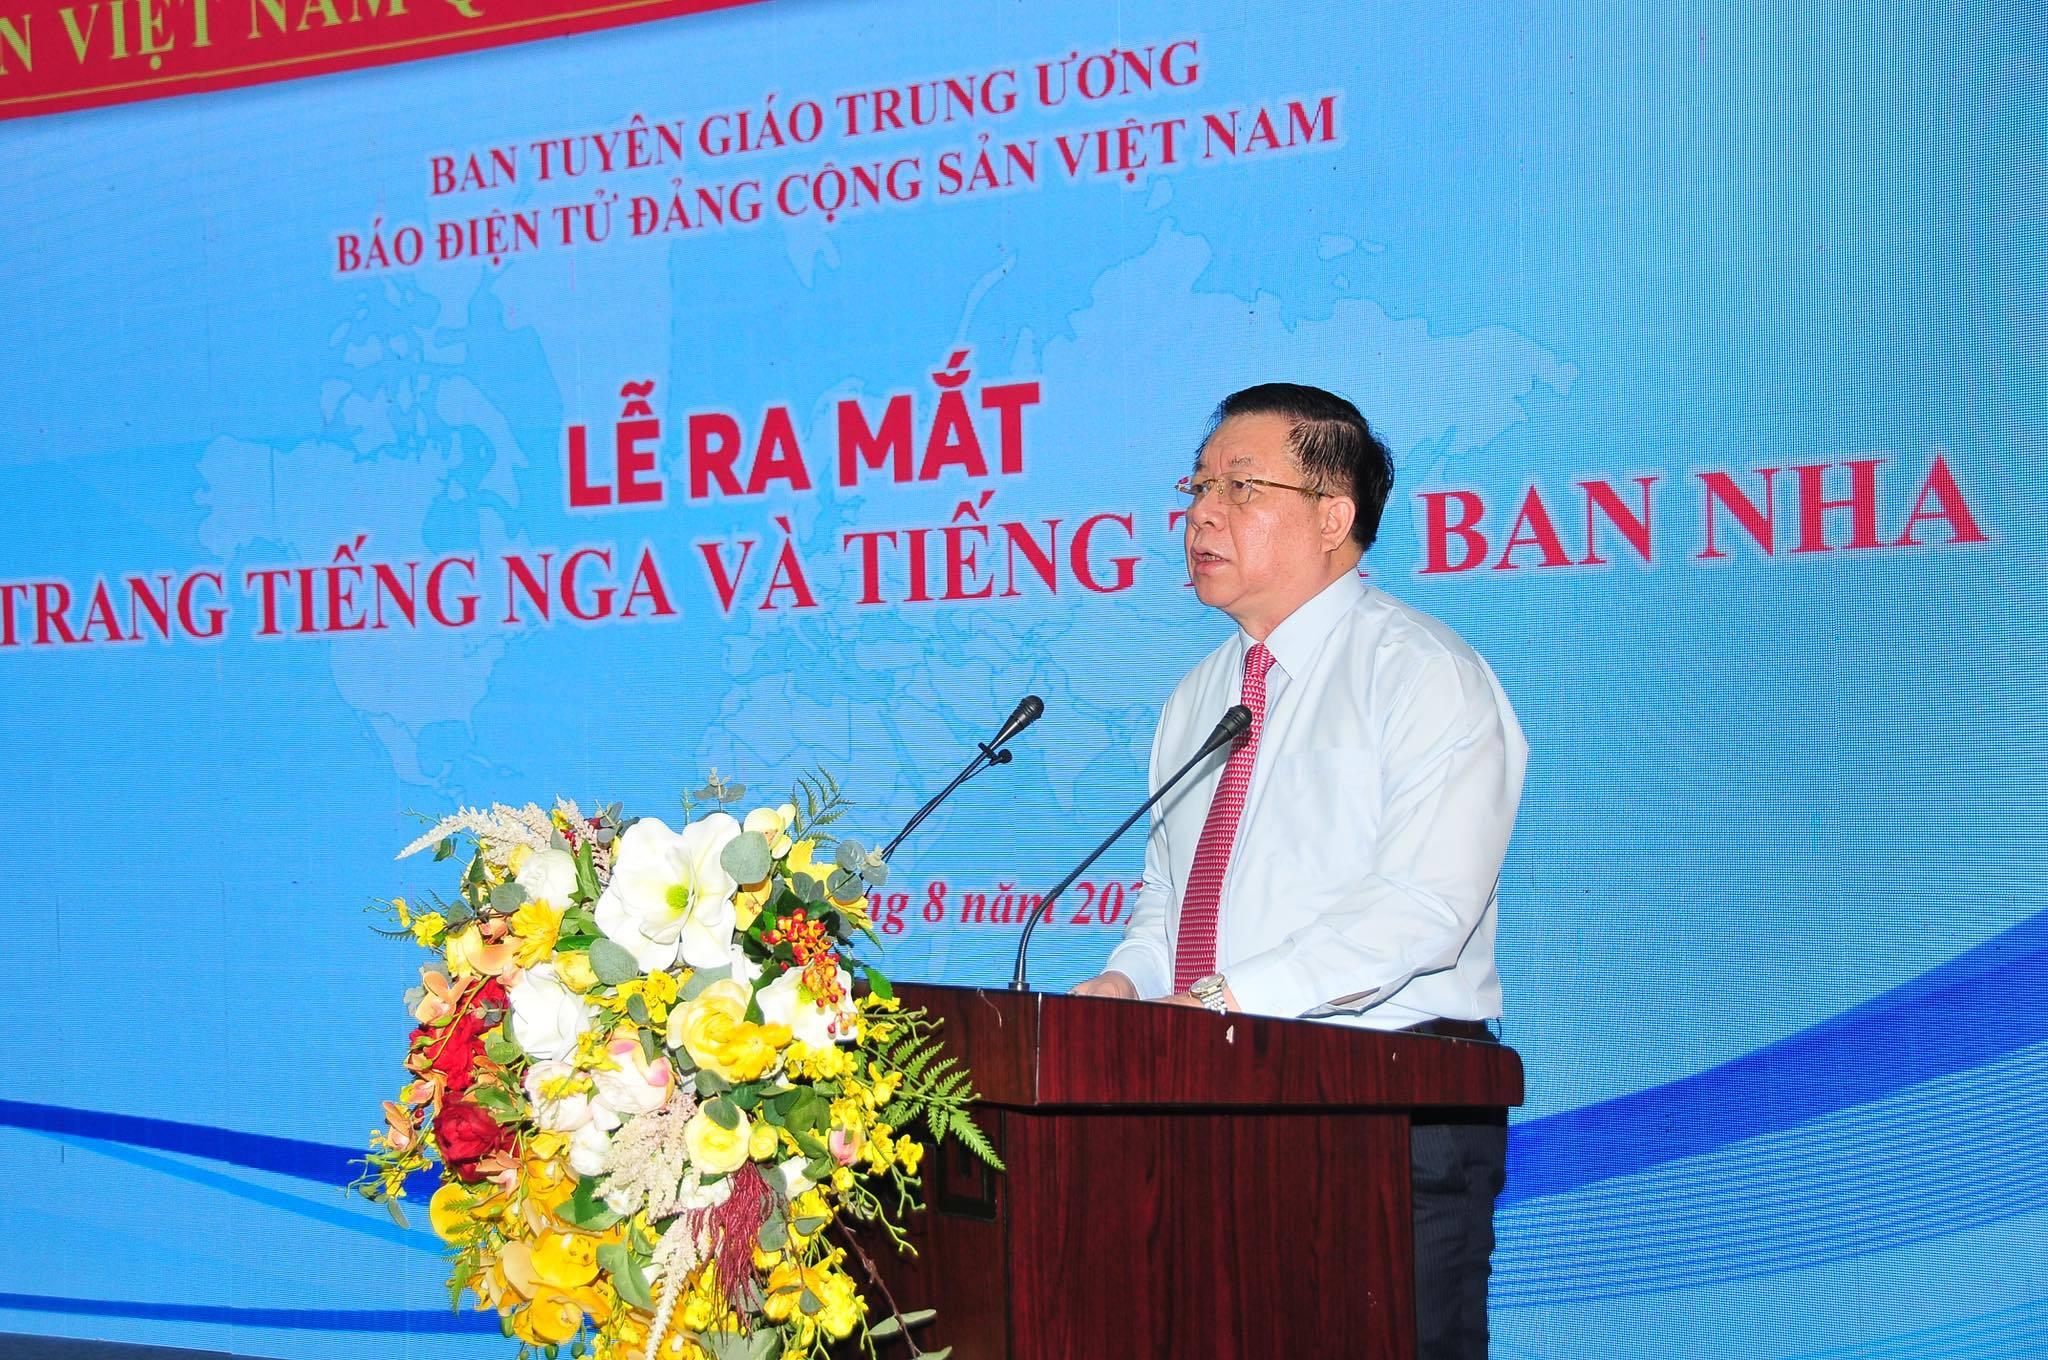 Báo điện tử Đảng Cộng sản Việt Nam ra mắt trang tiếng Nga và Tây Ban Nha